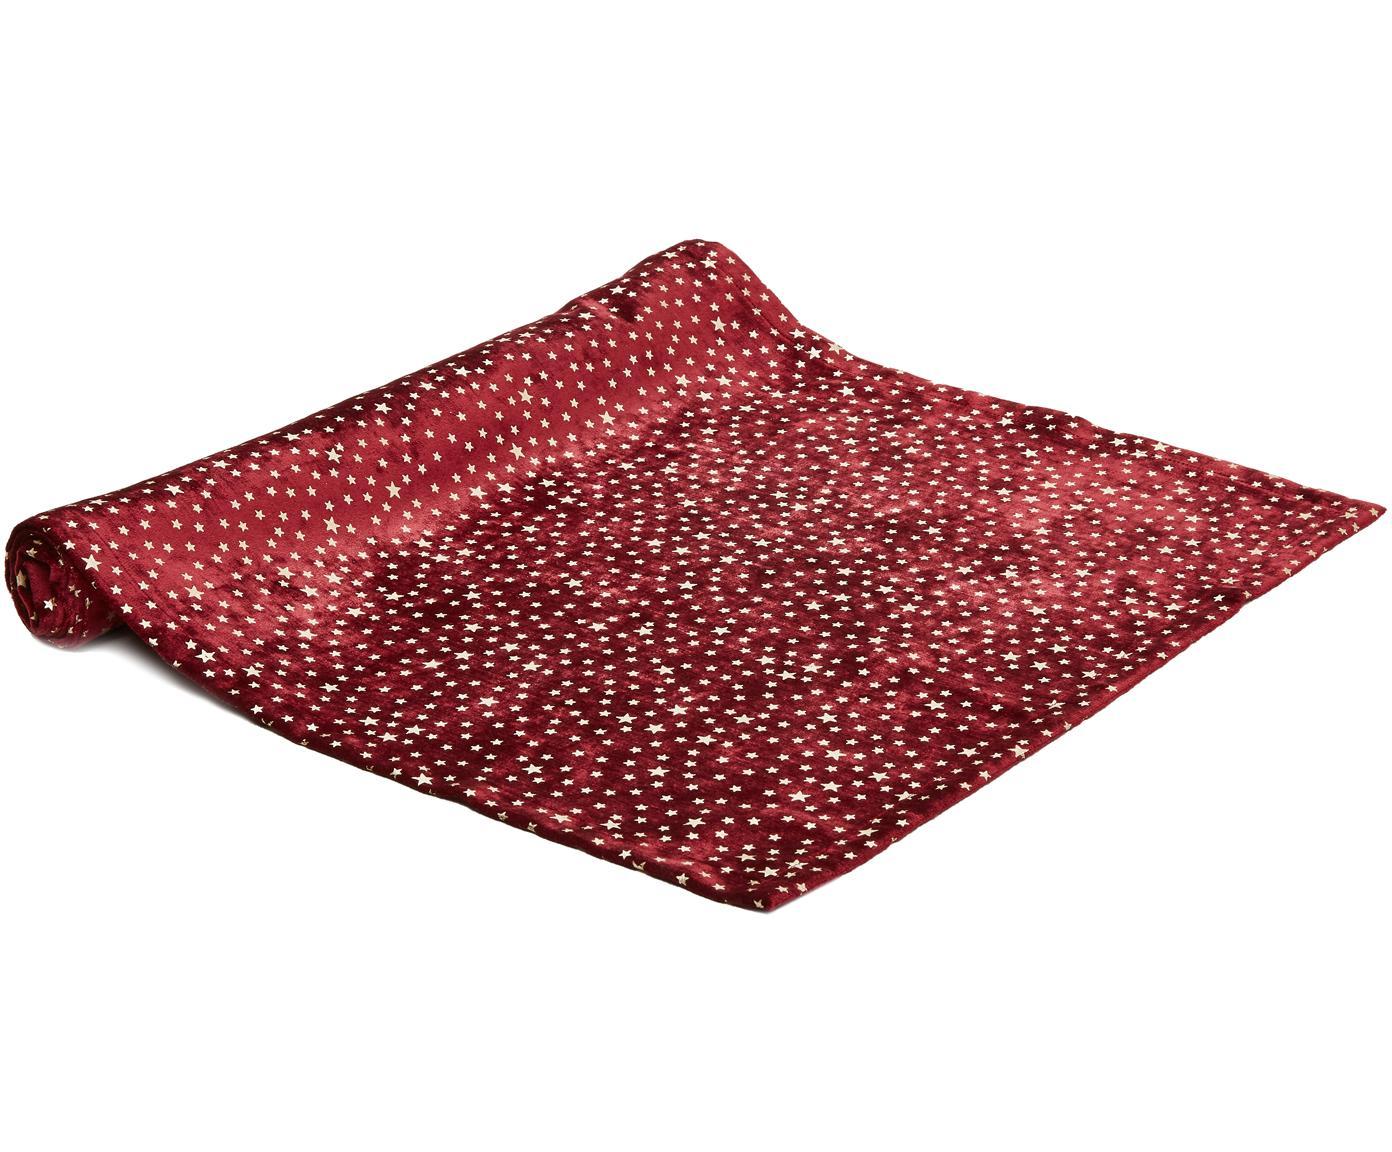 Samt-Tischläufer Estrella, Polyestersamt, Dunkelrot, Beige, 50 x 140 cm